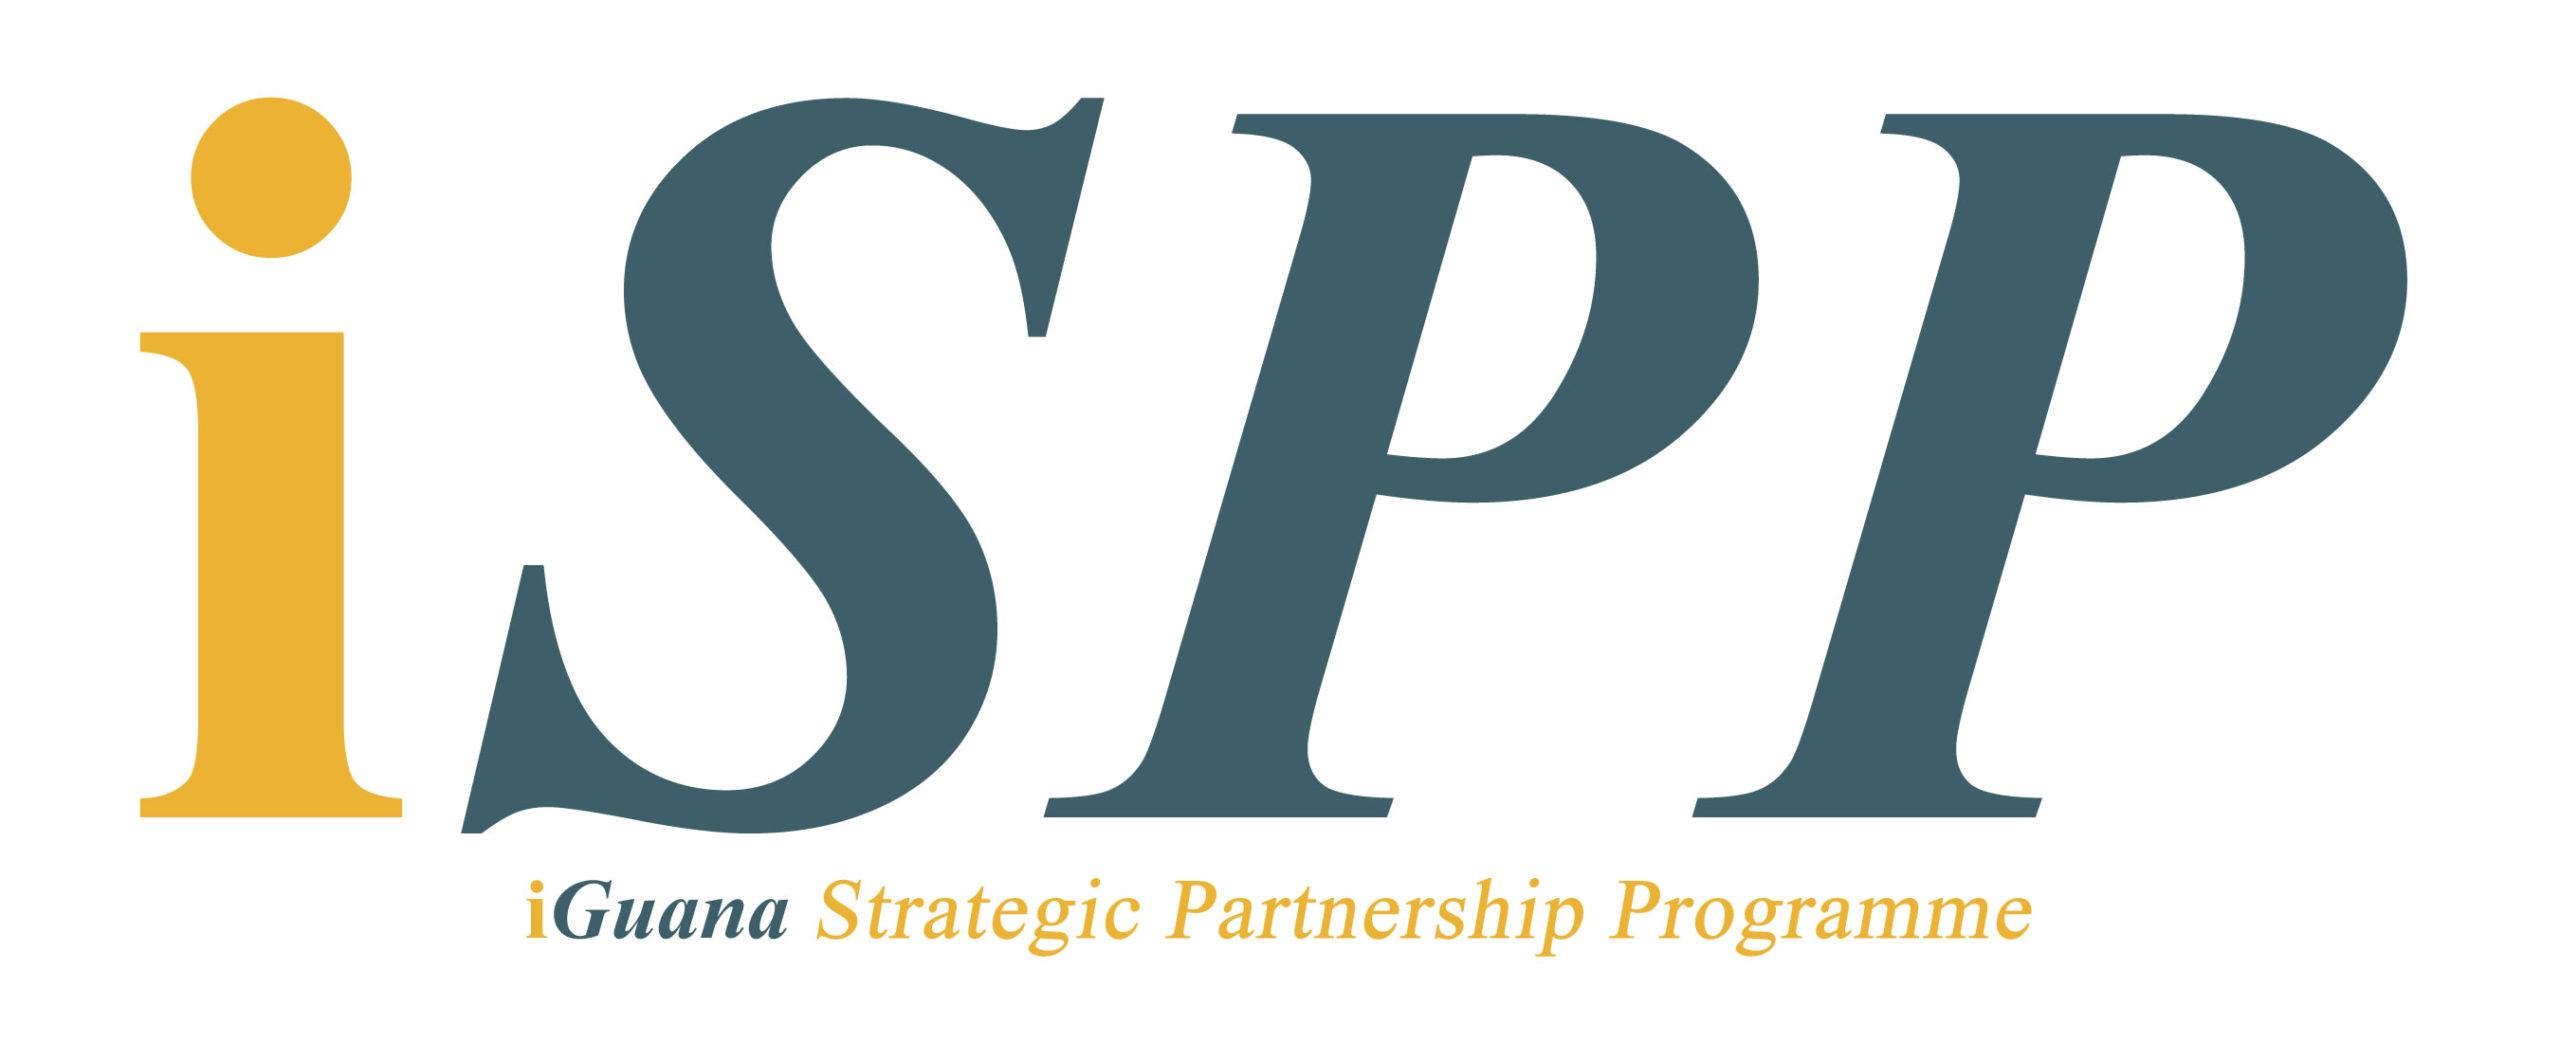 iGuana Strategic Partnership Programme (ISPP)